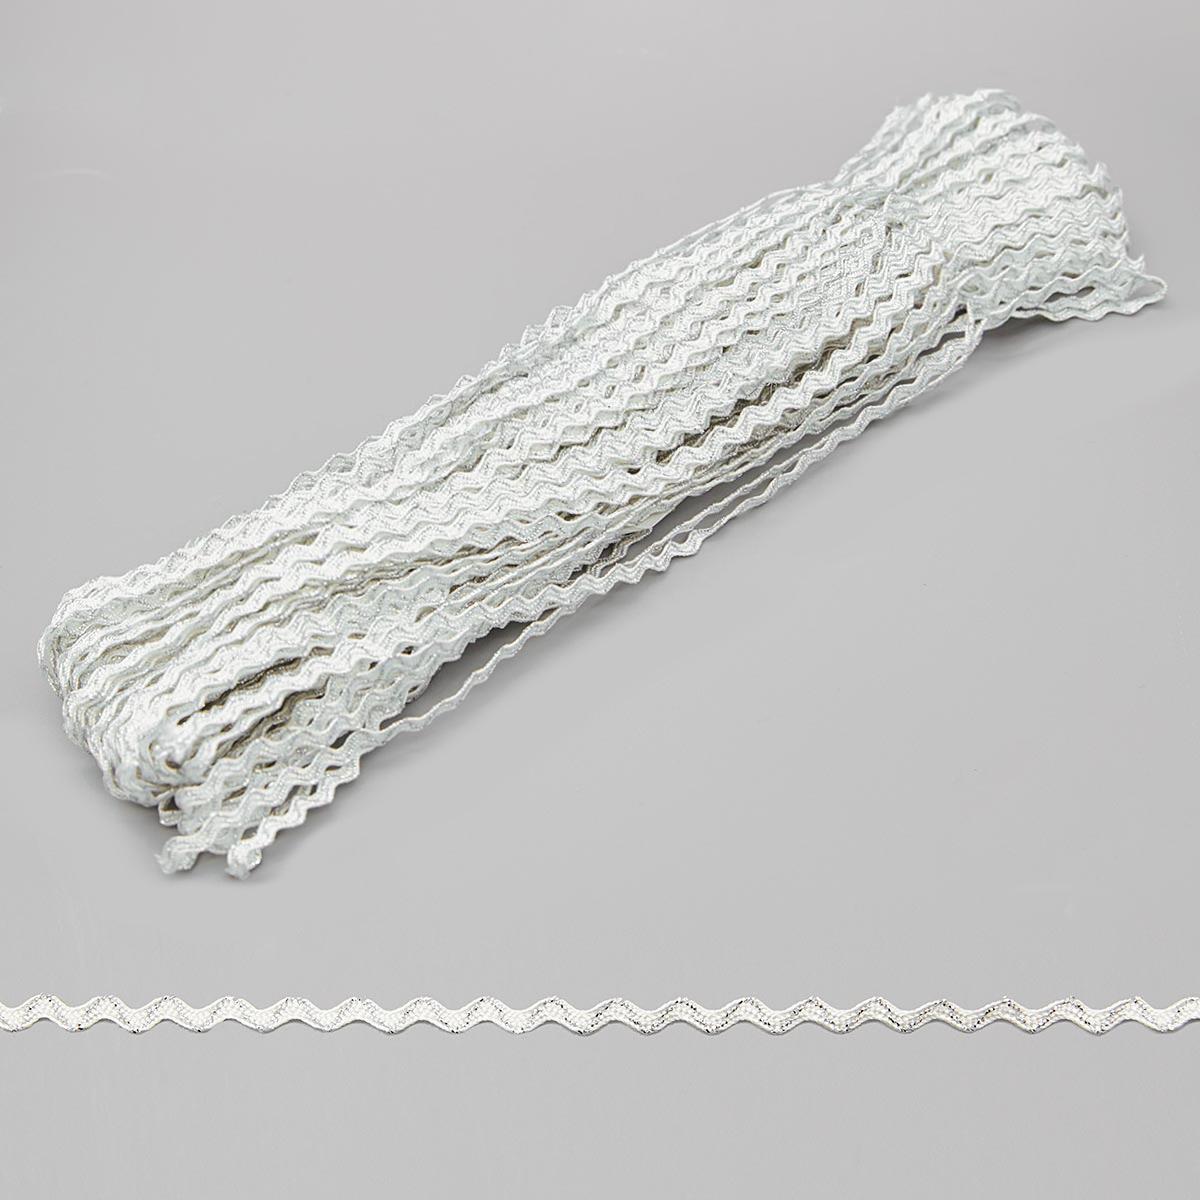 С569 Тесьма-вьюнчик с метанитью, 3 мм* 30 м (белый/серебро) фото